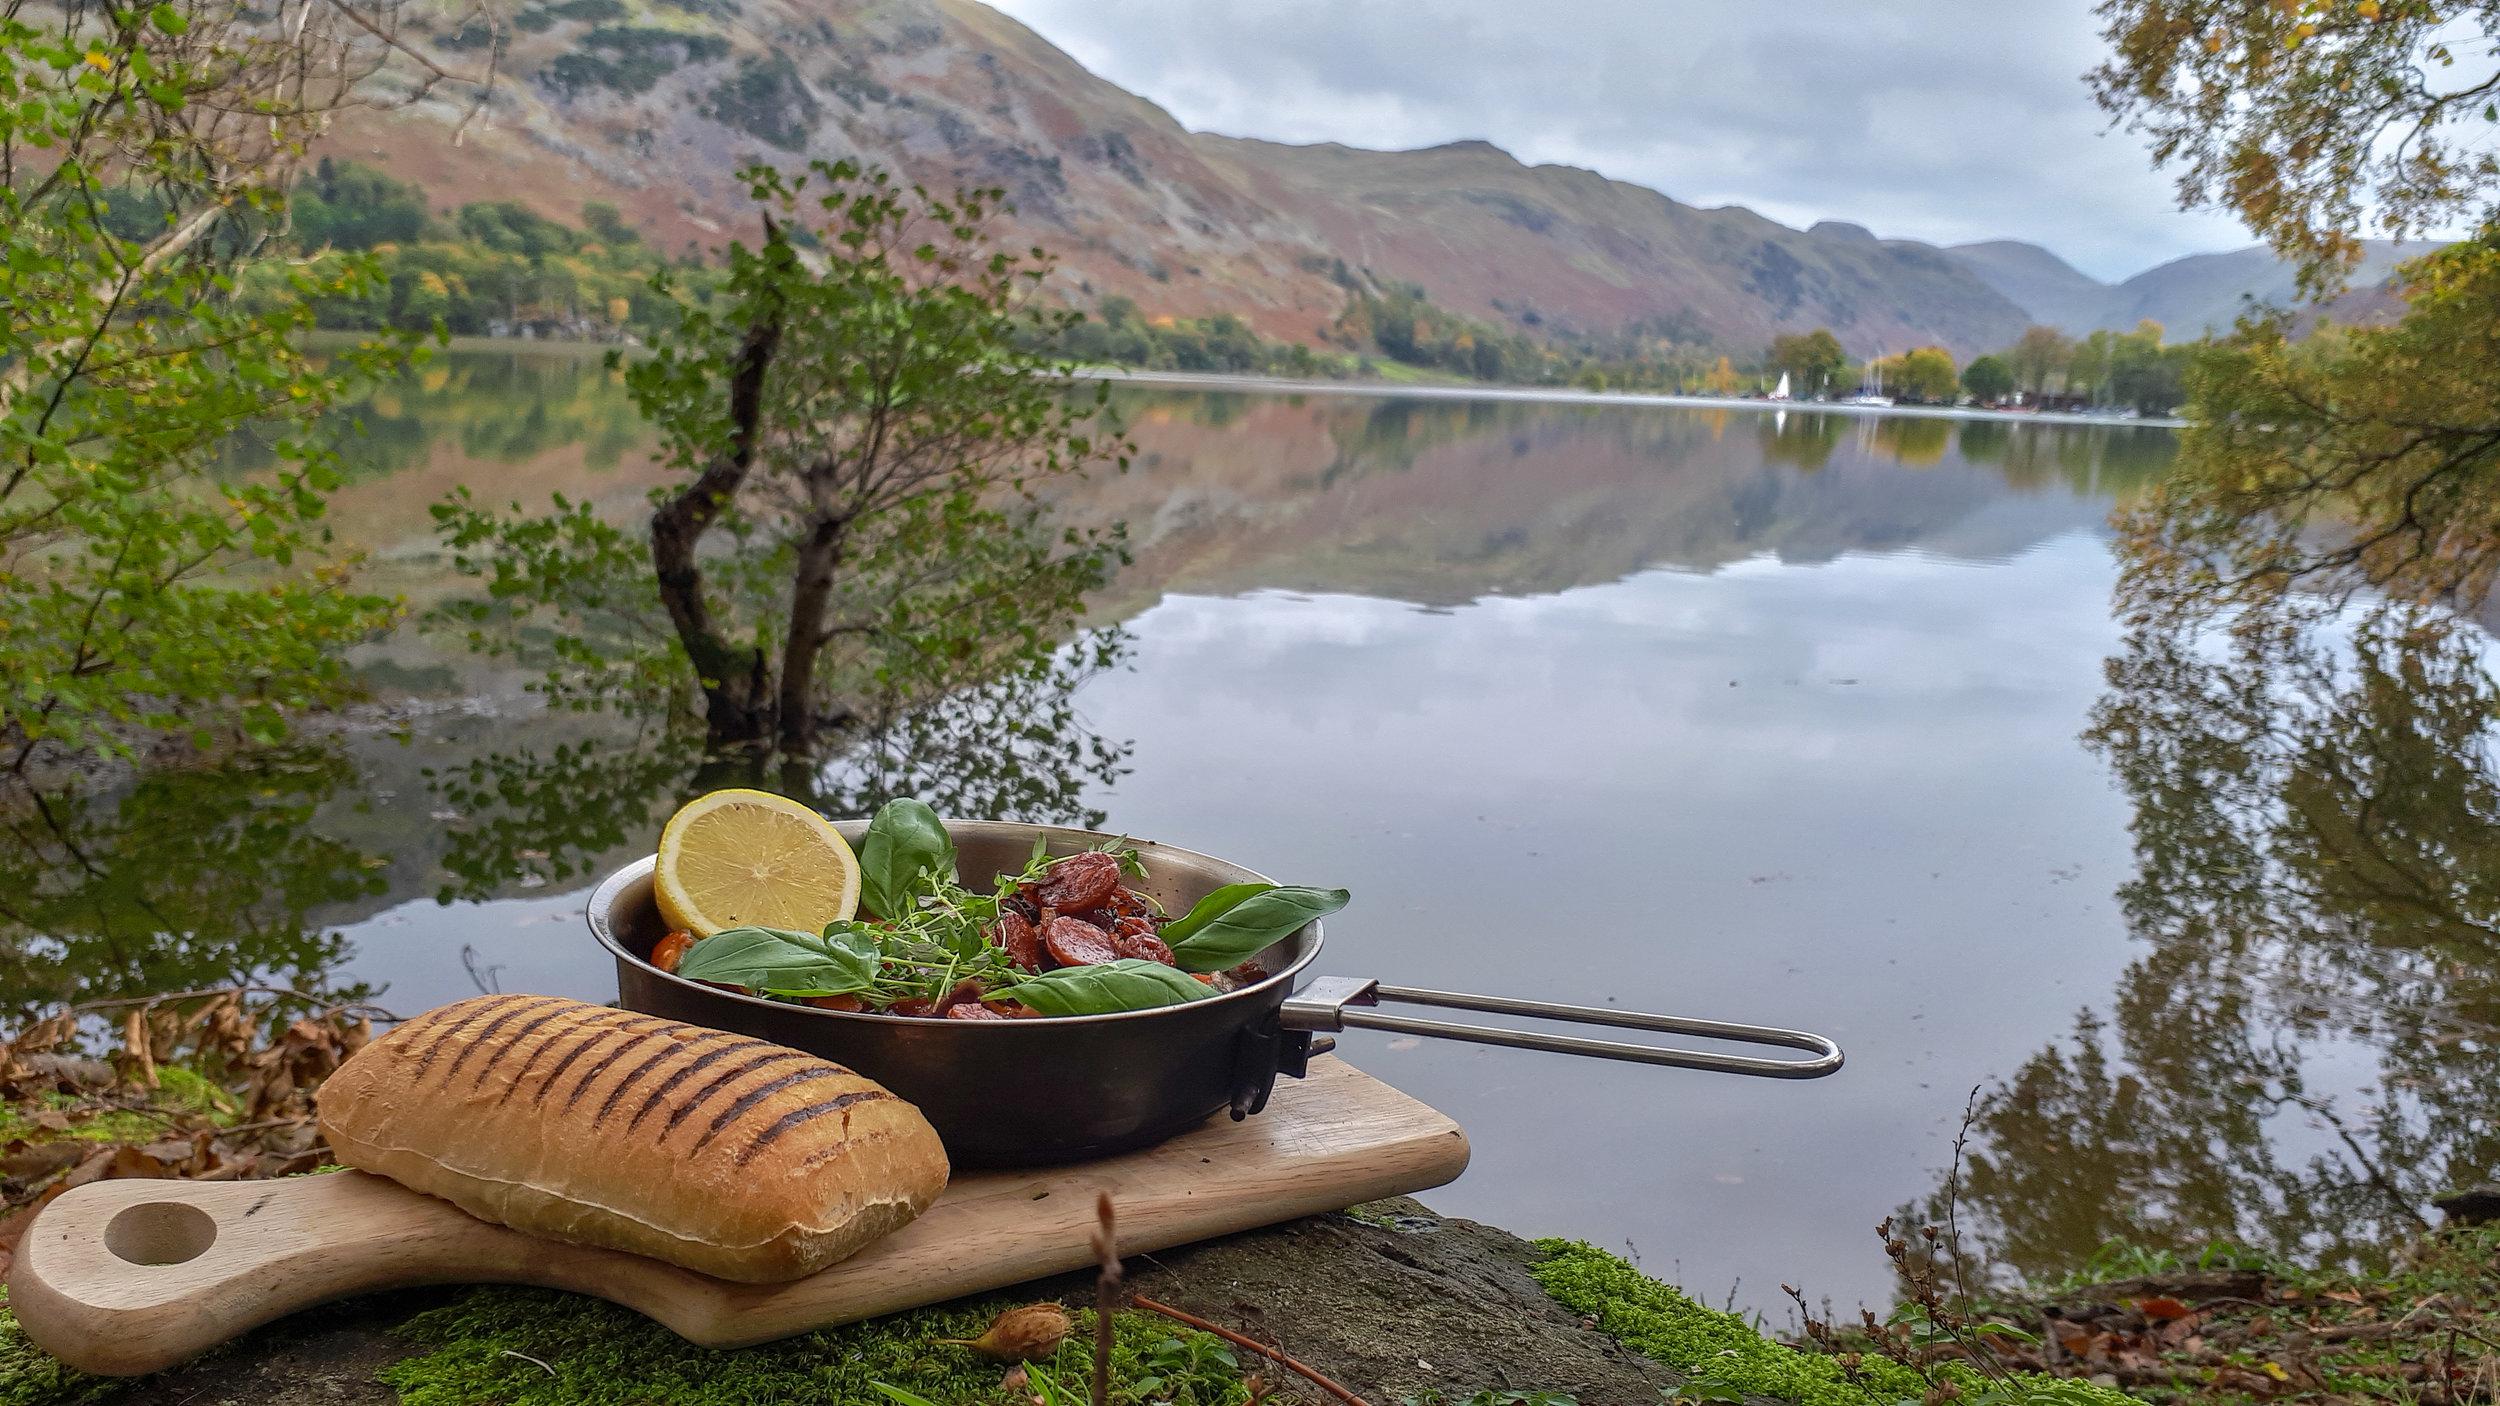 Chorizo Ratatoulle by Ullswater - Harrison Ward.jpeg